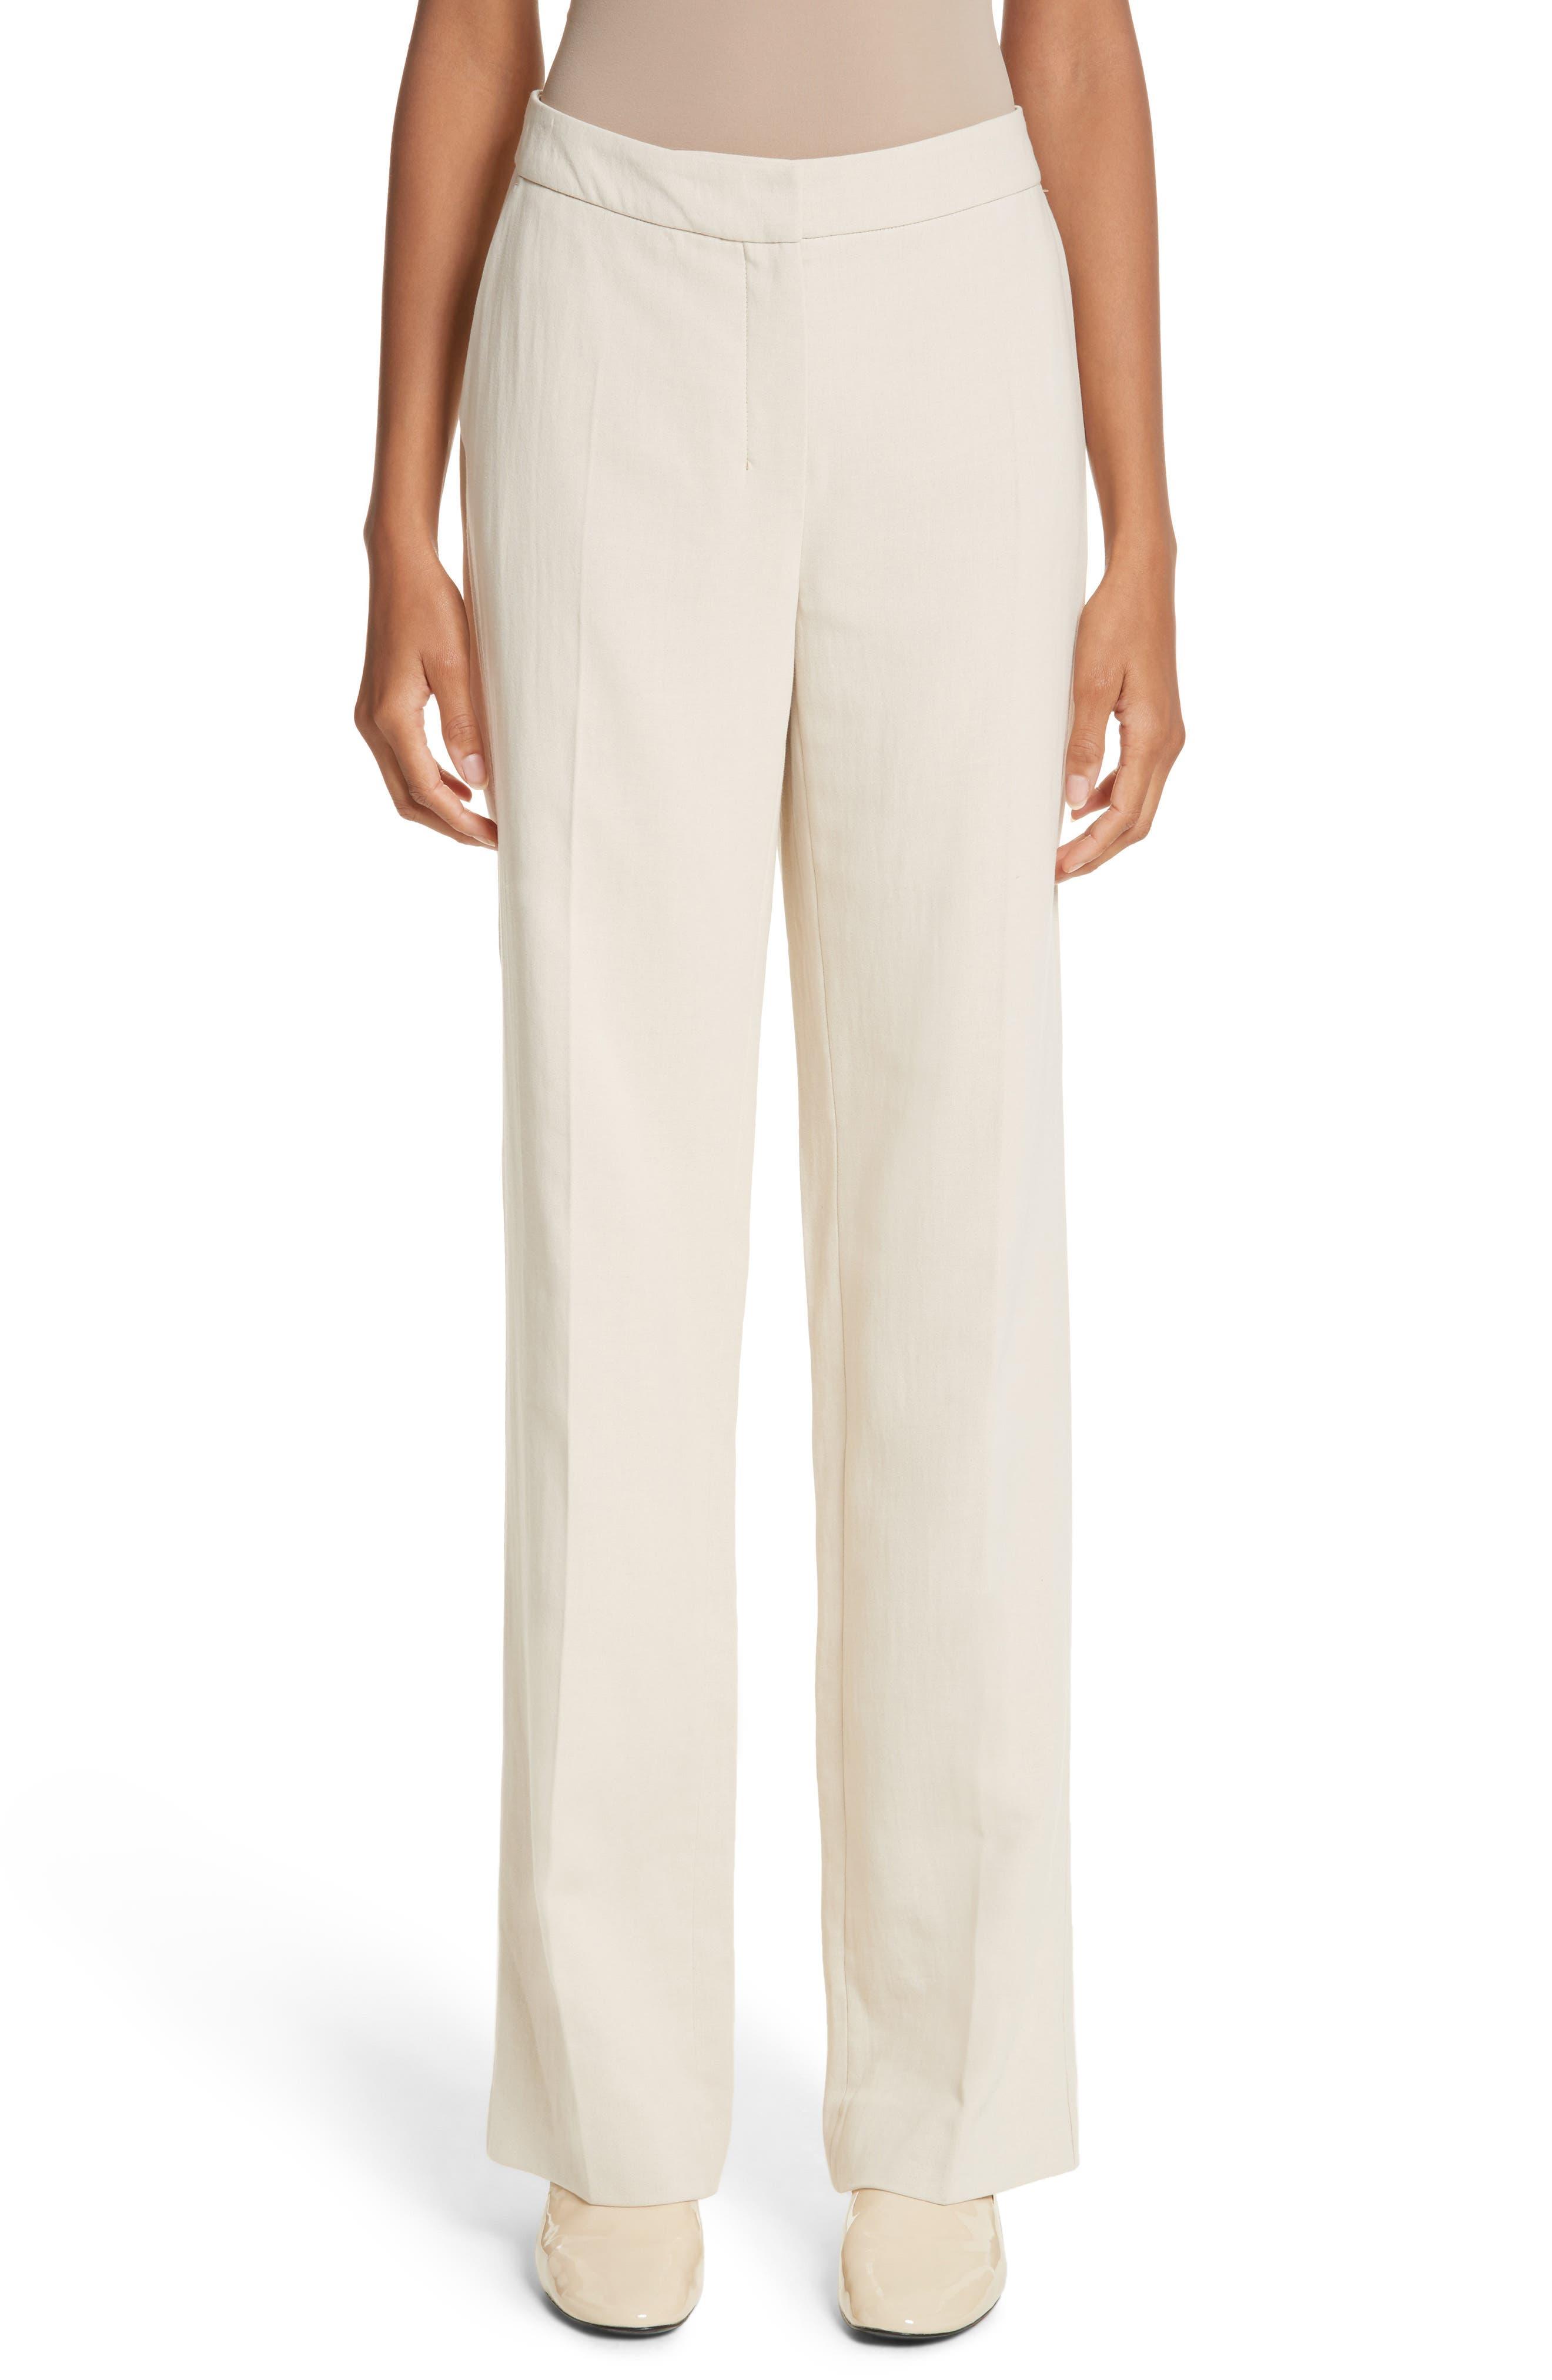 Cursore Cotton Wide Leg Pants,                         Main,                         color, Ivory